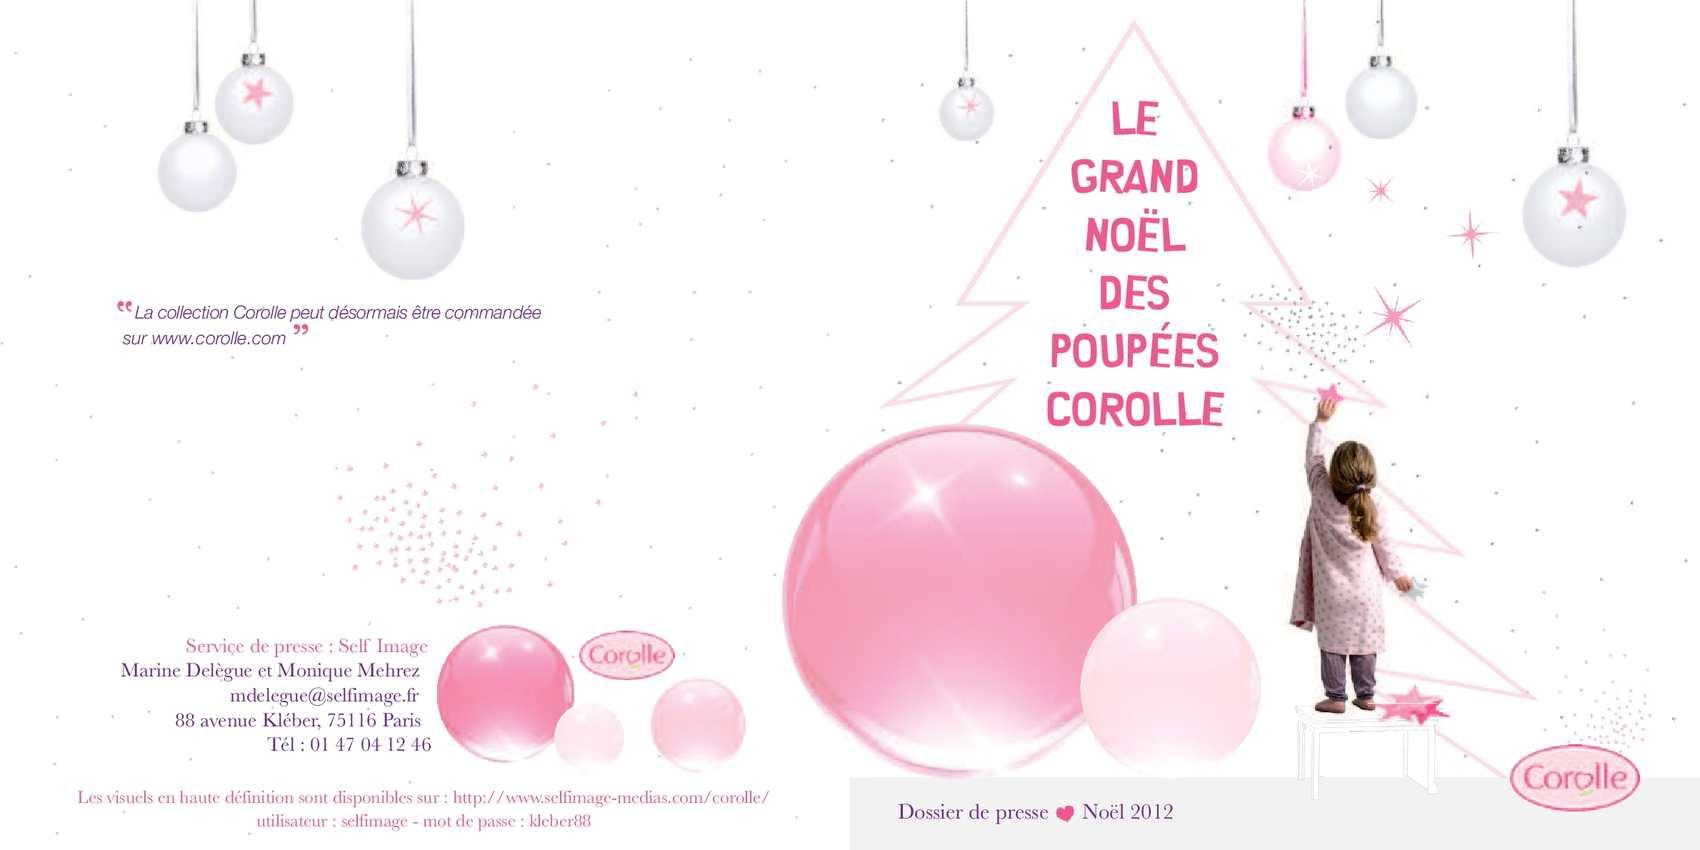 Dossier de presse Noël 2012